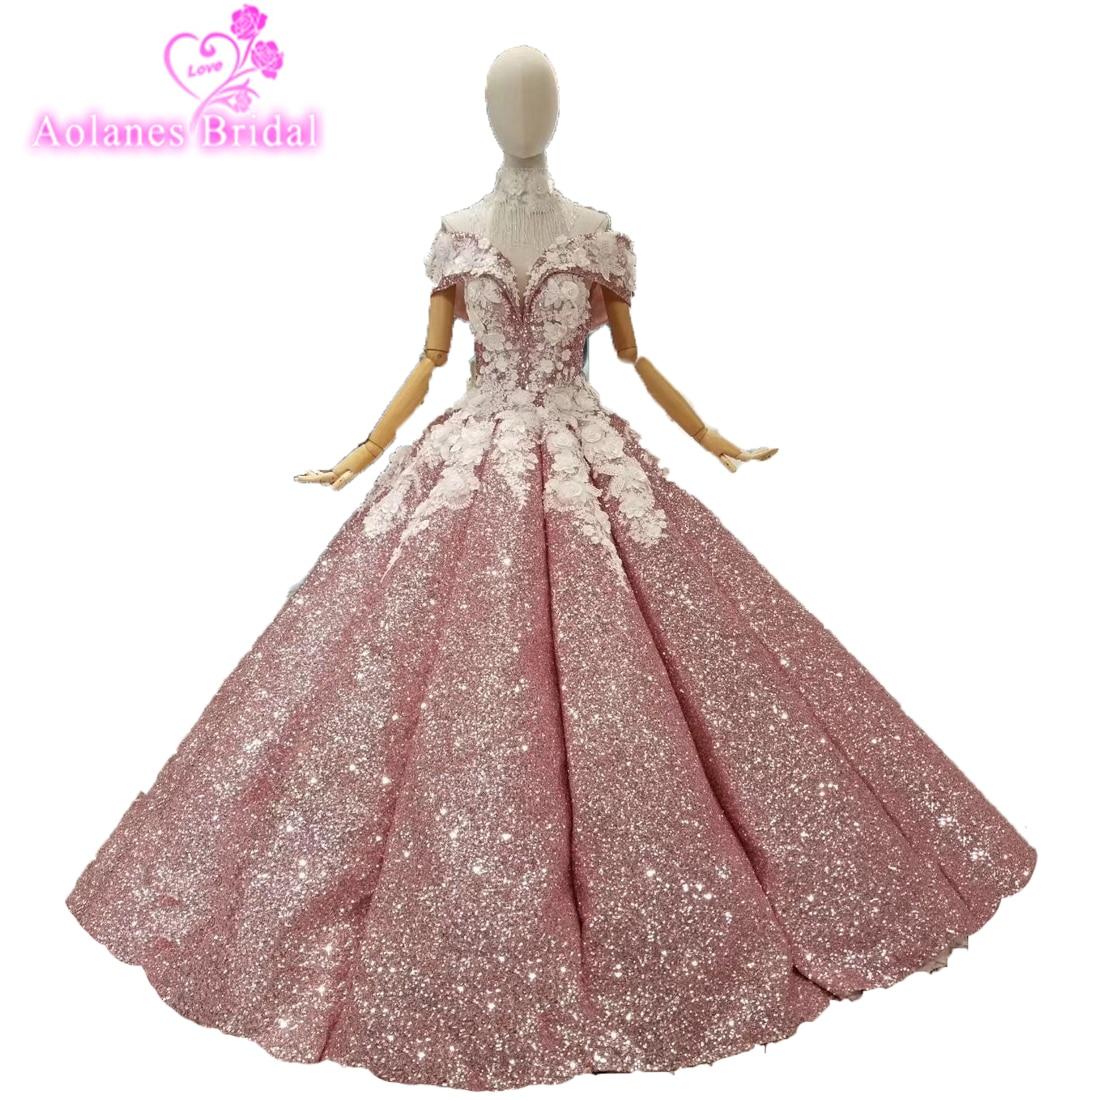 Robe De soirée saoudienne arabe robes De bal Dubai princesse luxuriante robes De bal 2018 Vintage cristaux perles Blings longues robes De bal